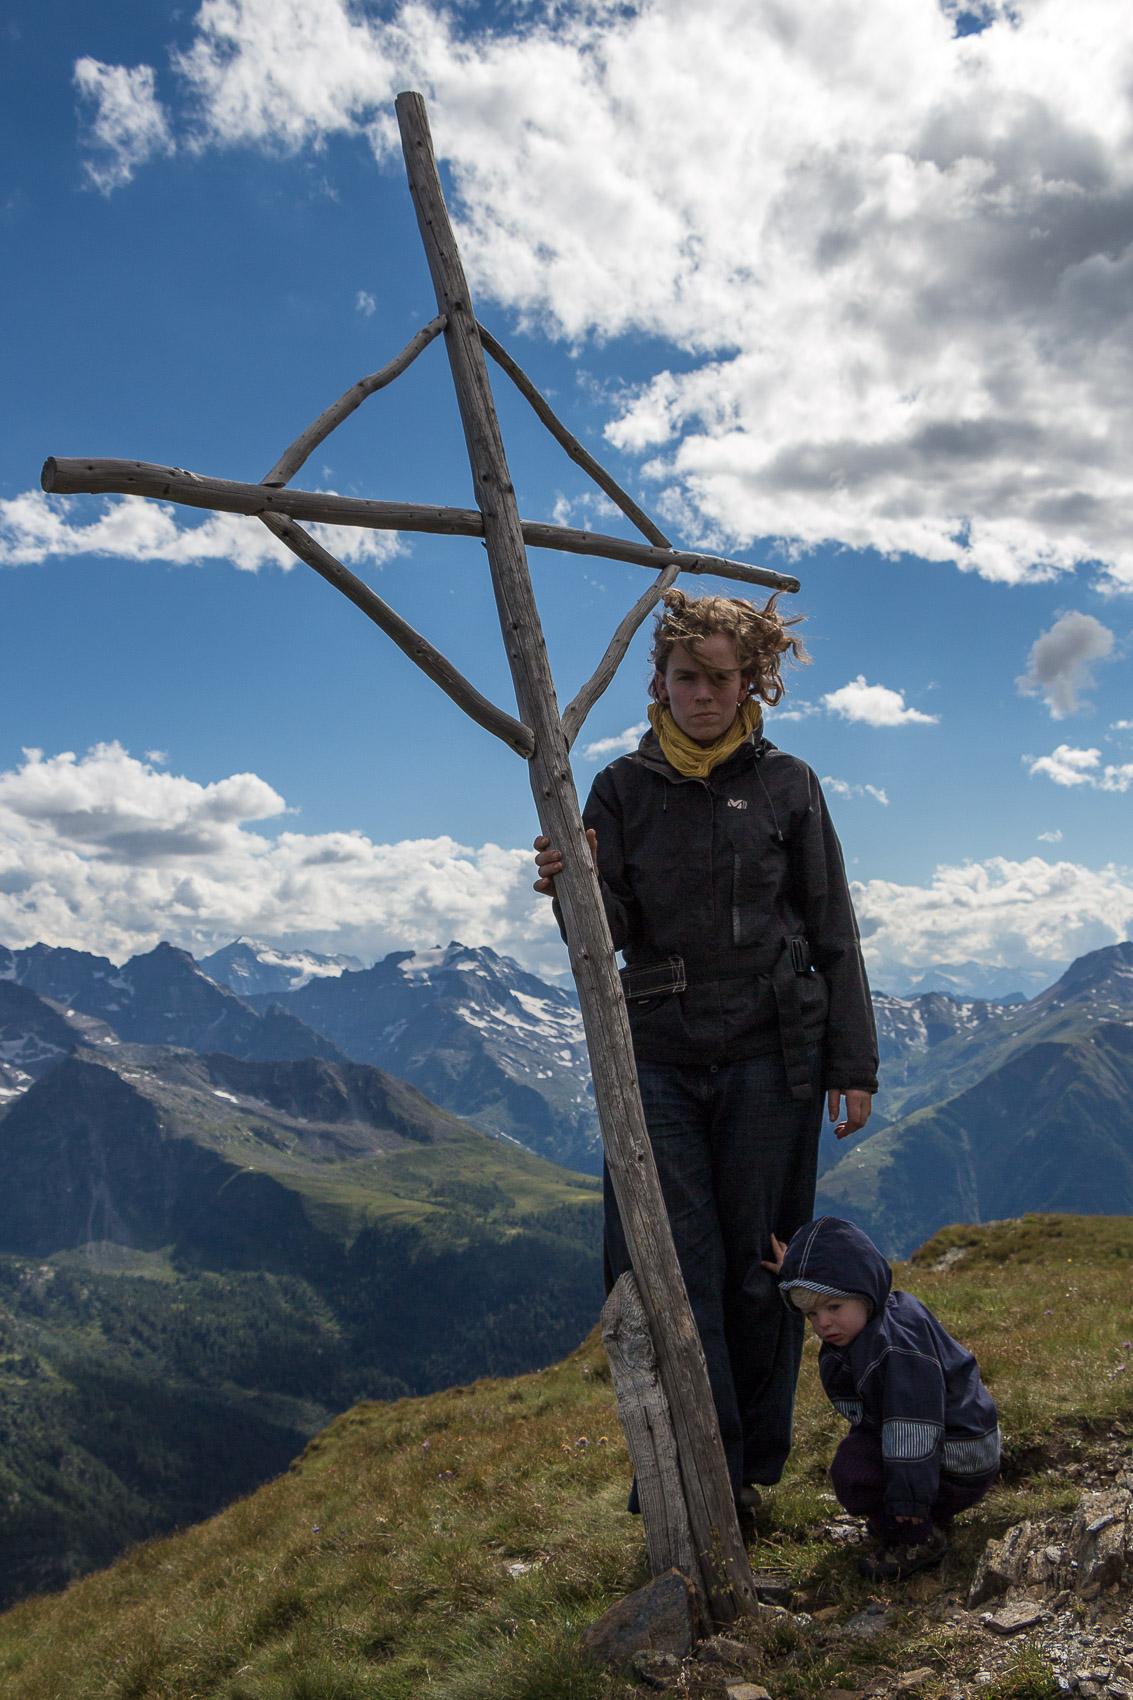 20130813_04475 Auf der Alp.jpg